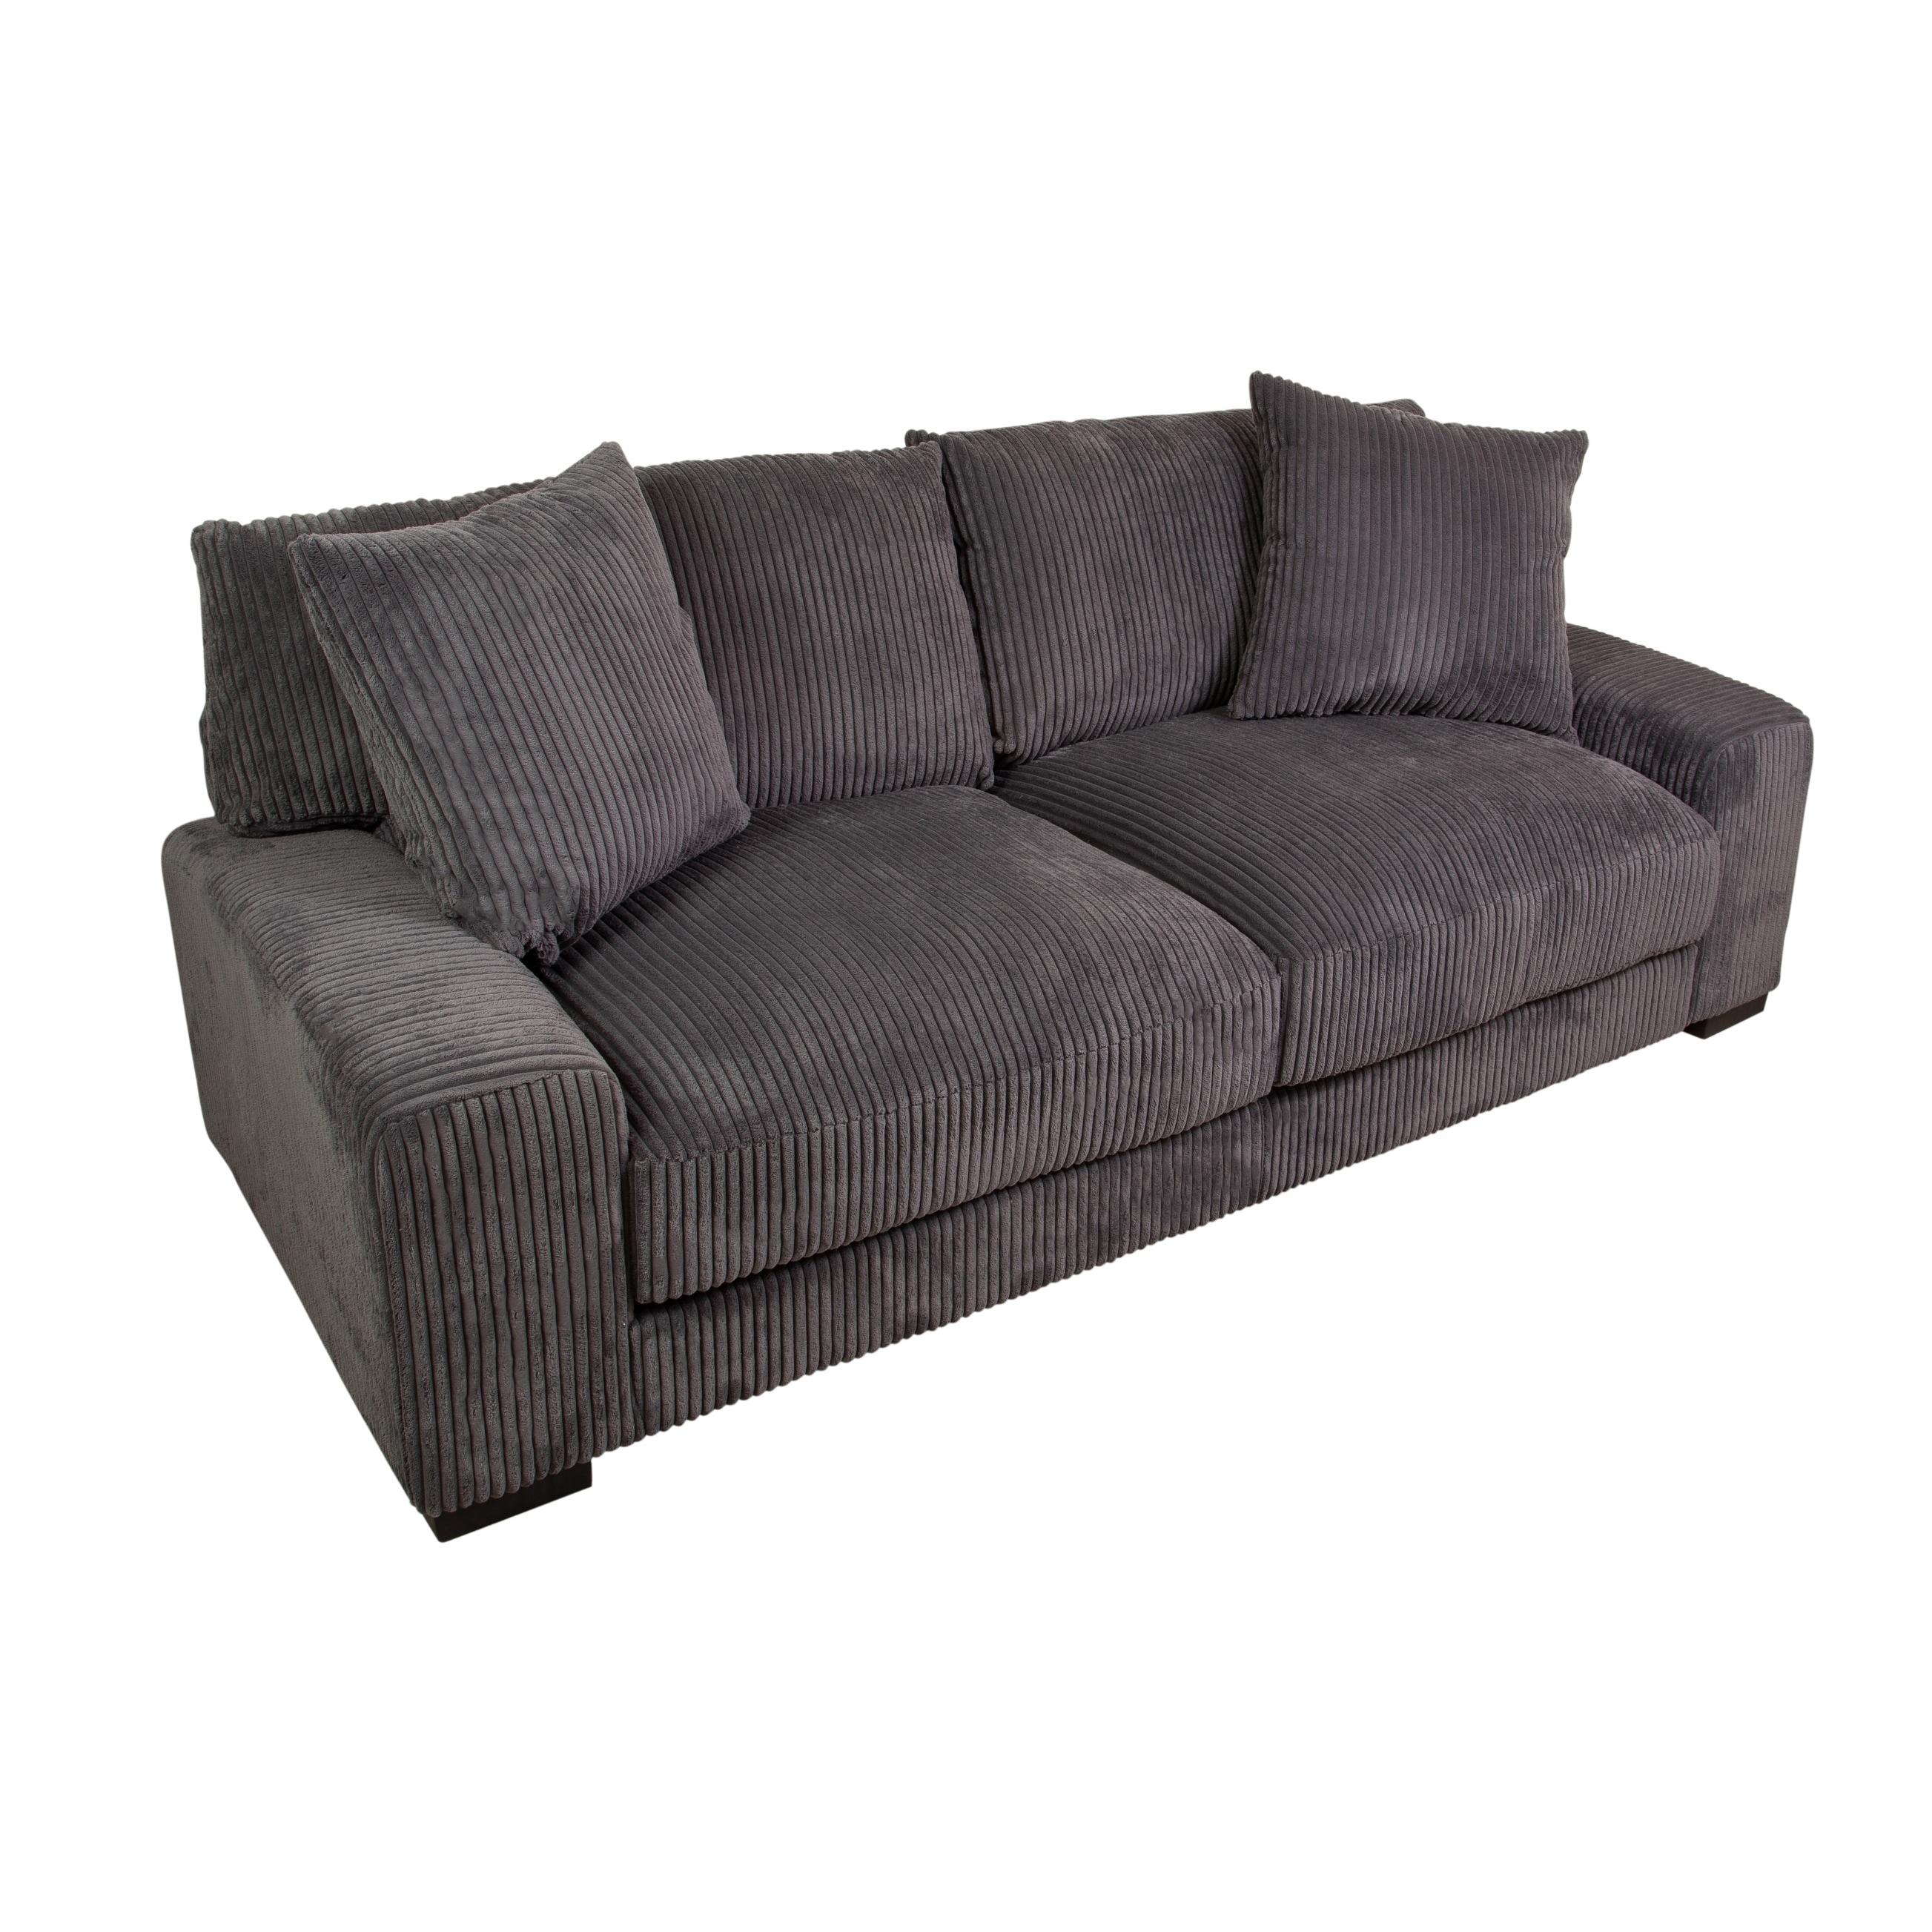 Chill Ultra Soft Microfiber Sofa